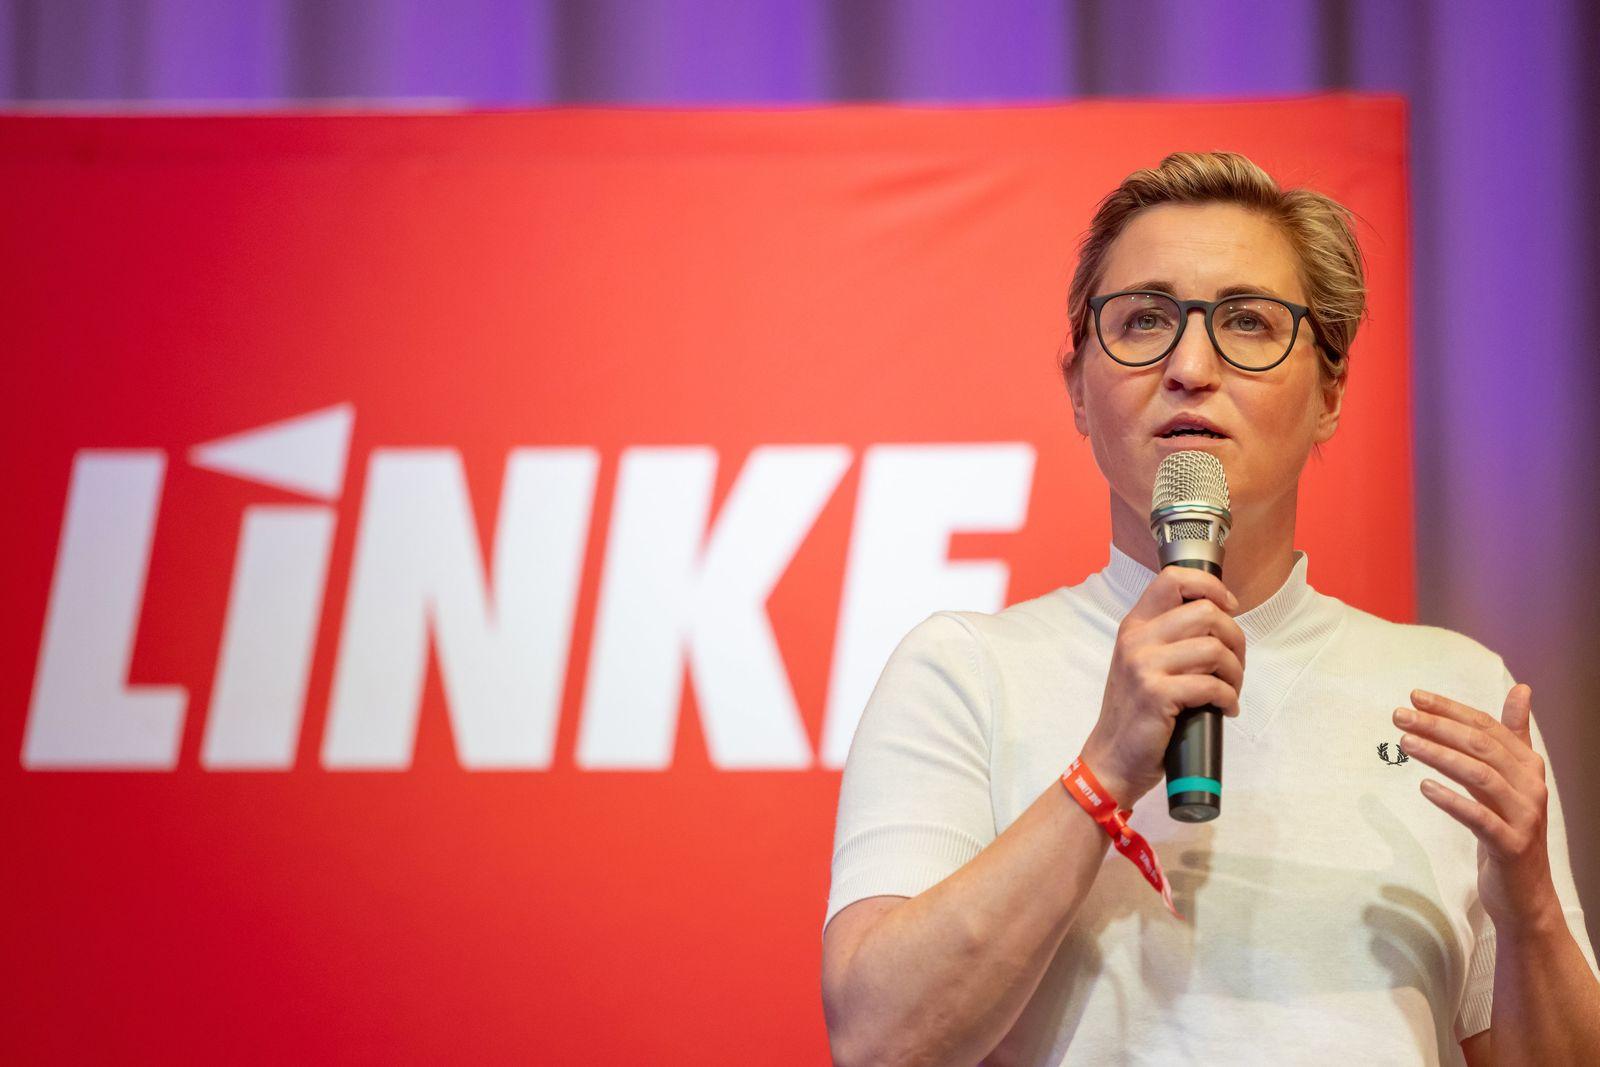 Linke-Bundesvorsitzende Susanne Hennig-Wellsow